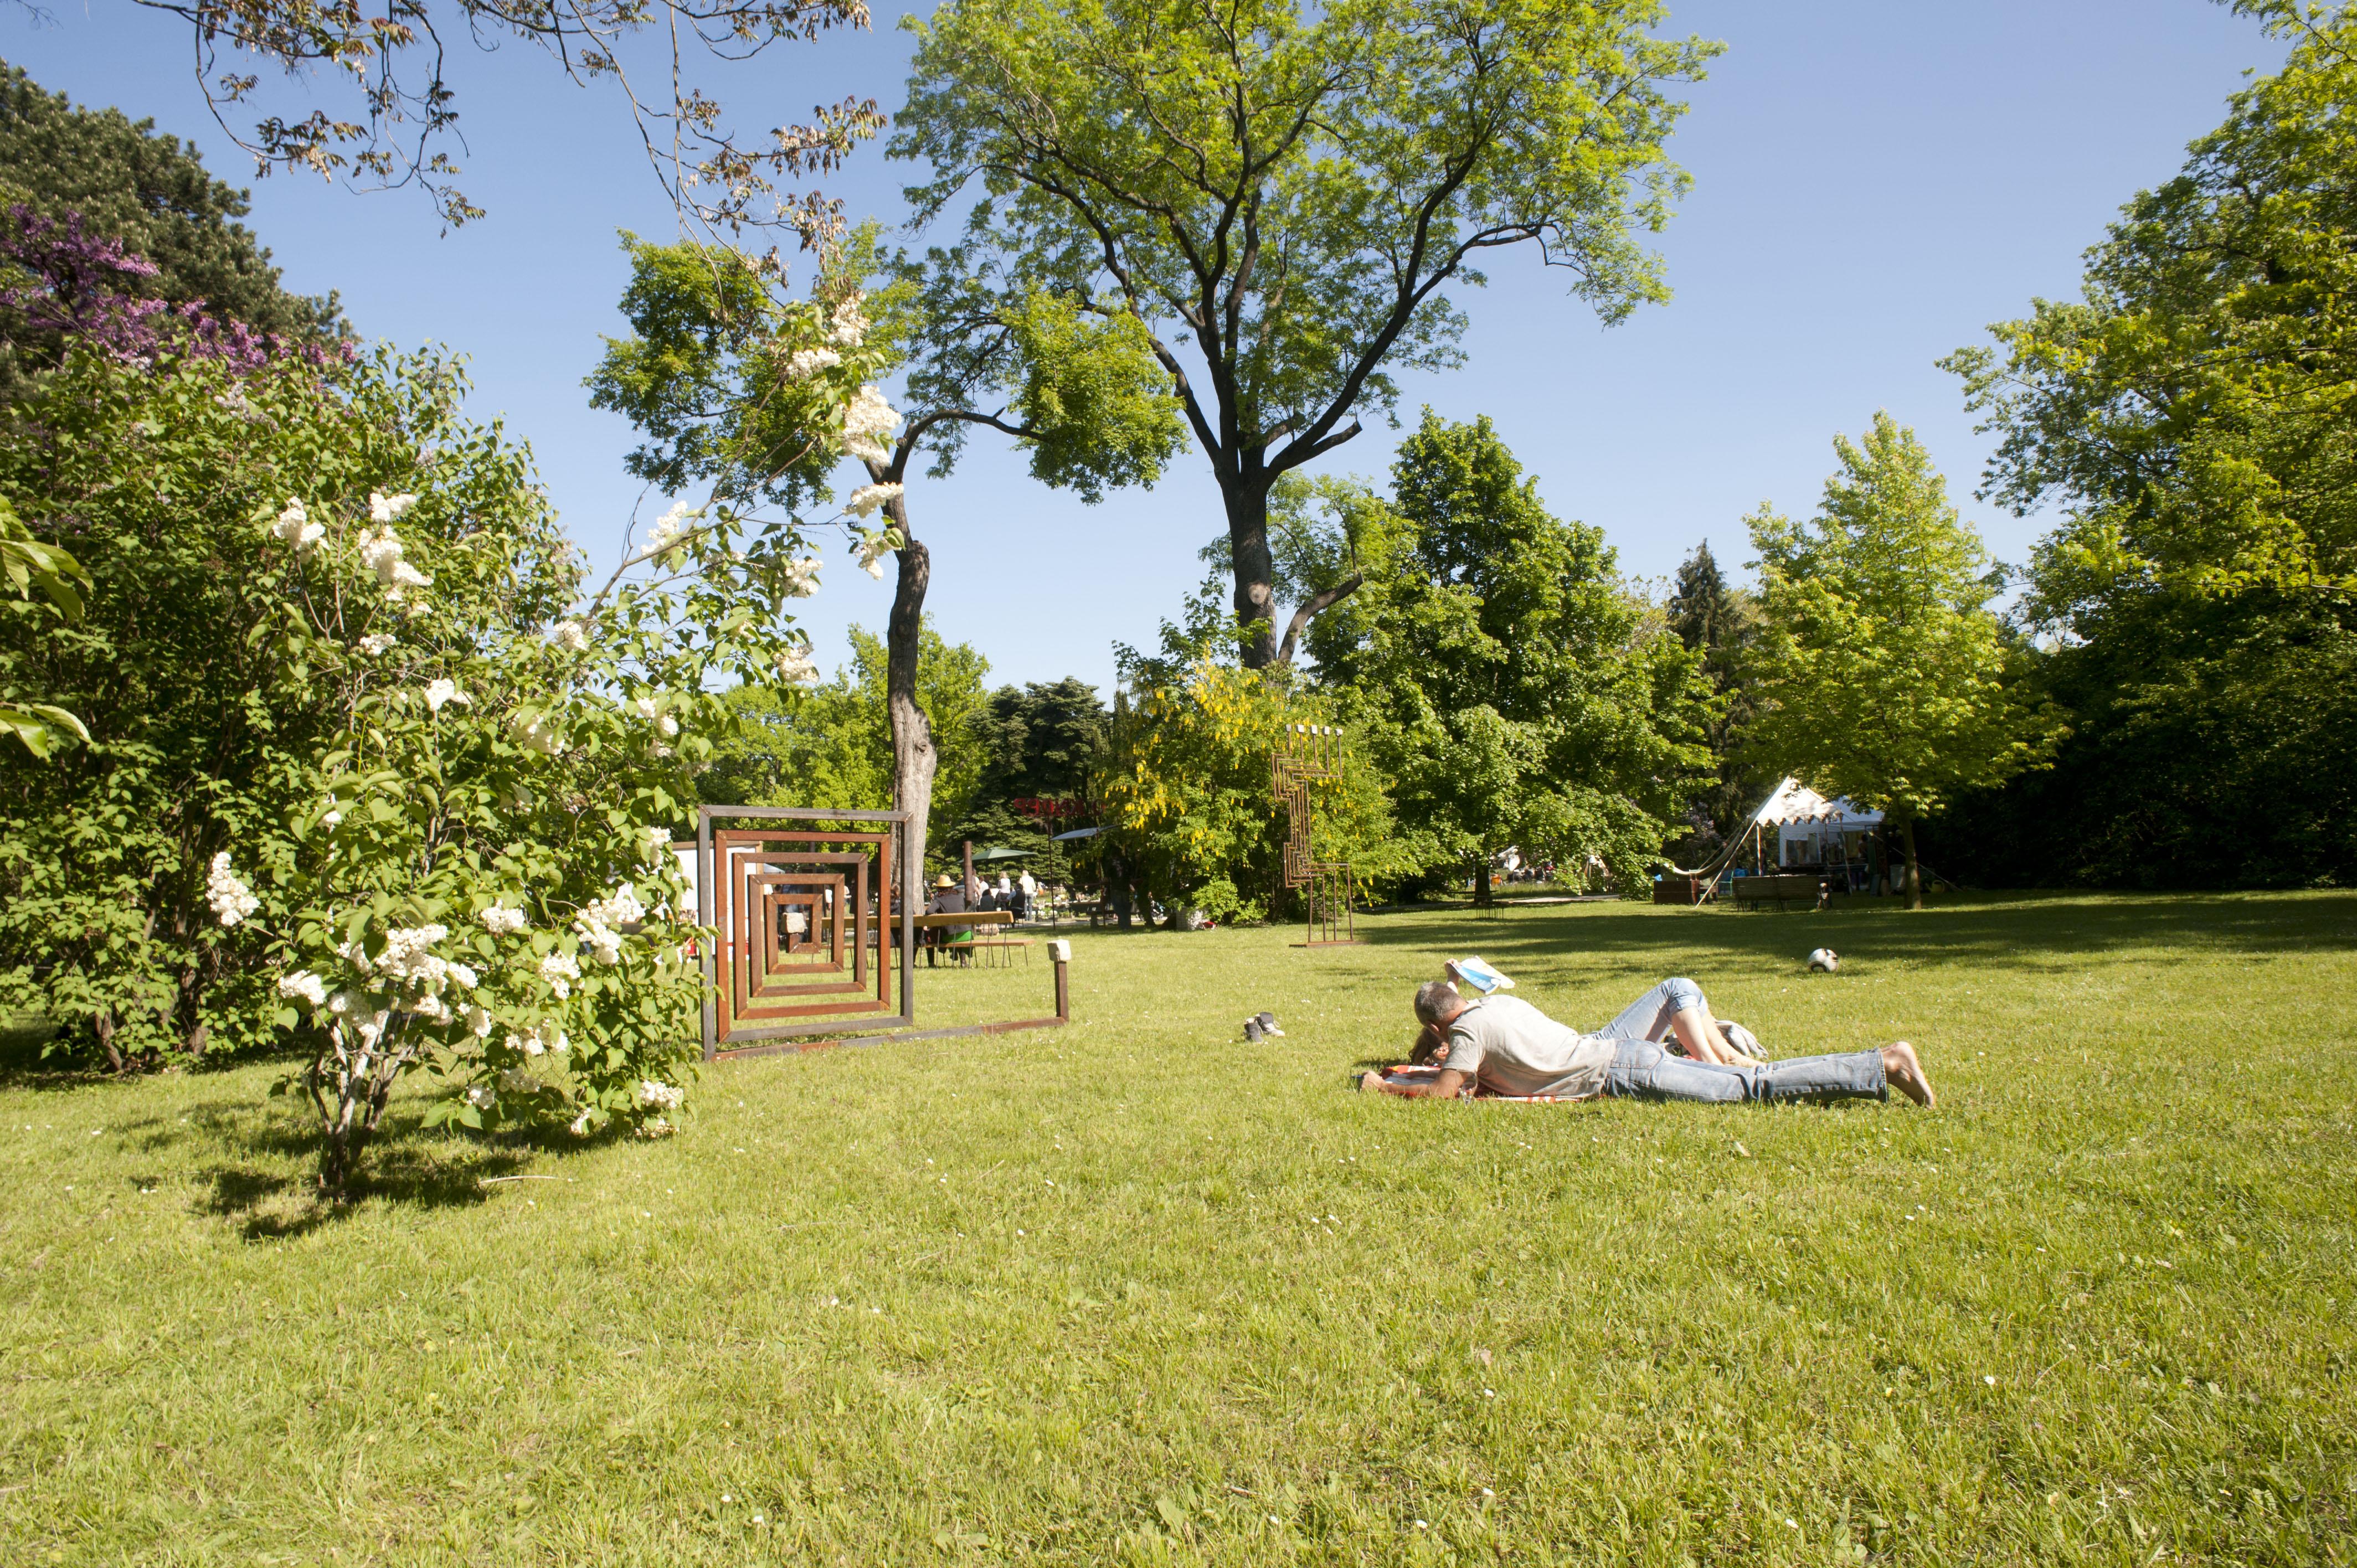 Salon Jardin - Wiens Gartensalon im Schlosspark Hetzendorf